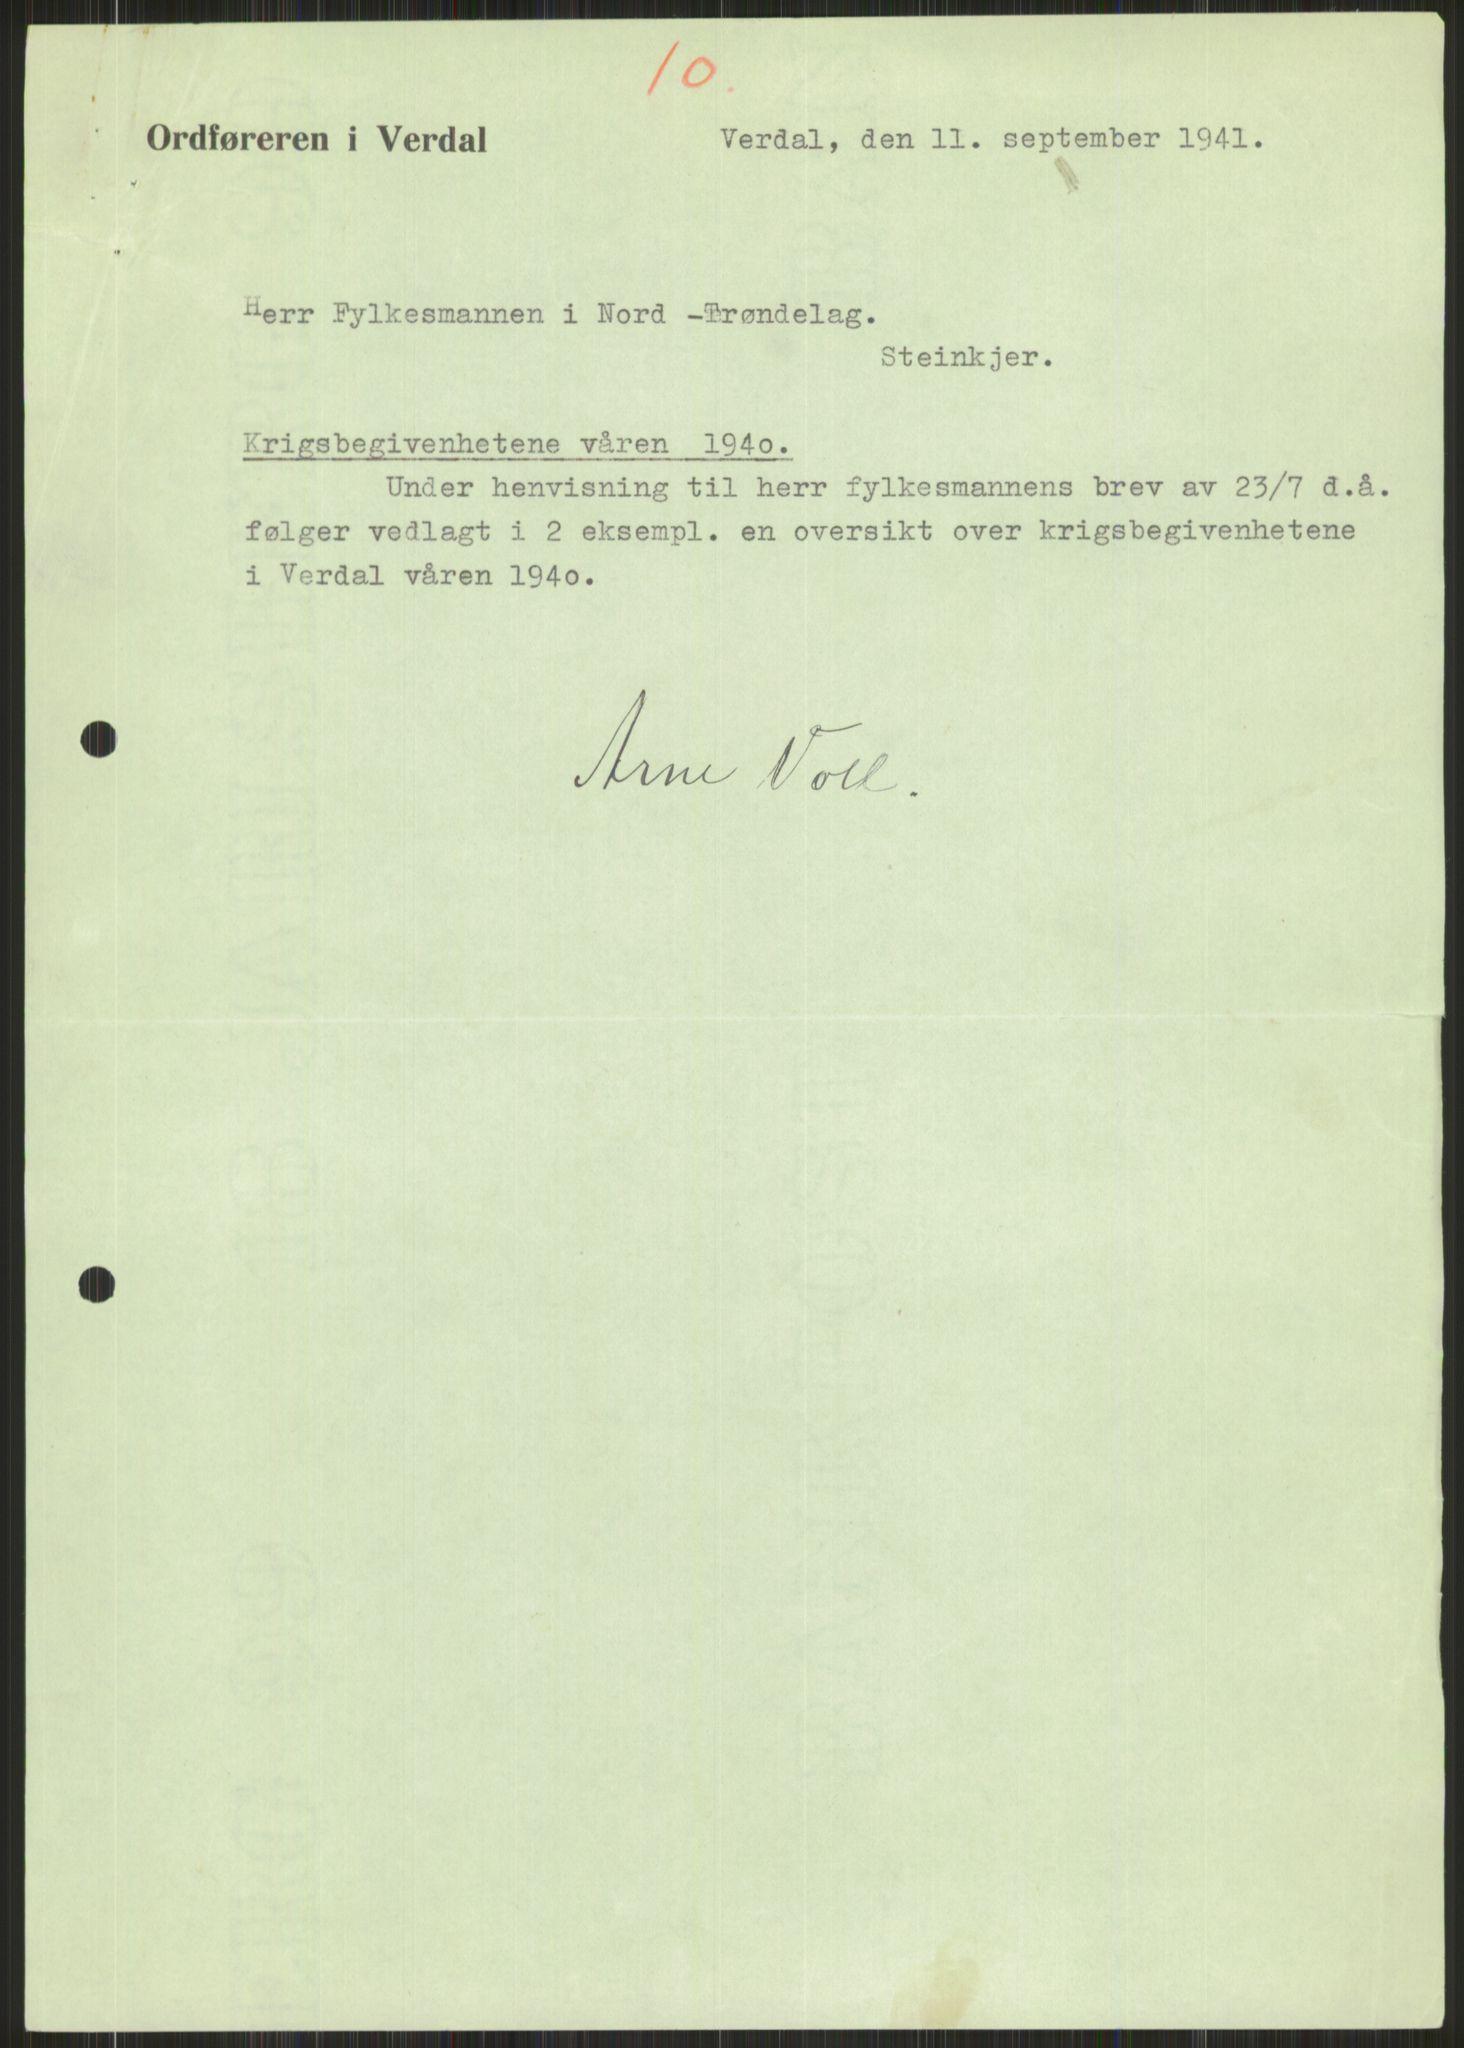 RA, Forsvaret, Forsvarets krigshistoriske avdeling, Y/Ya/L0016: II-C-11-31 - Fylkesmenn.  Rapporter om krigsbegivenhetene 1940., 1940, s. 592